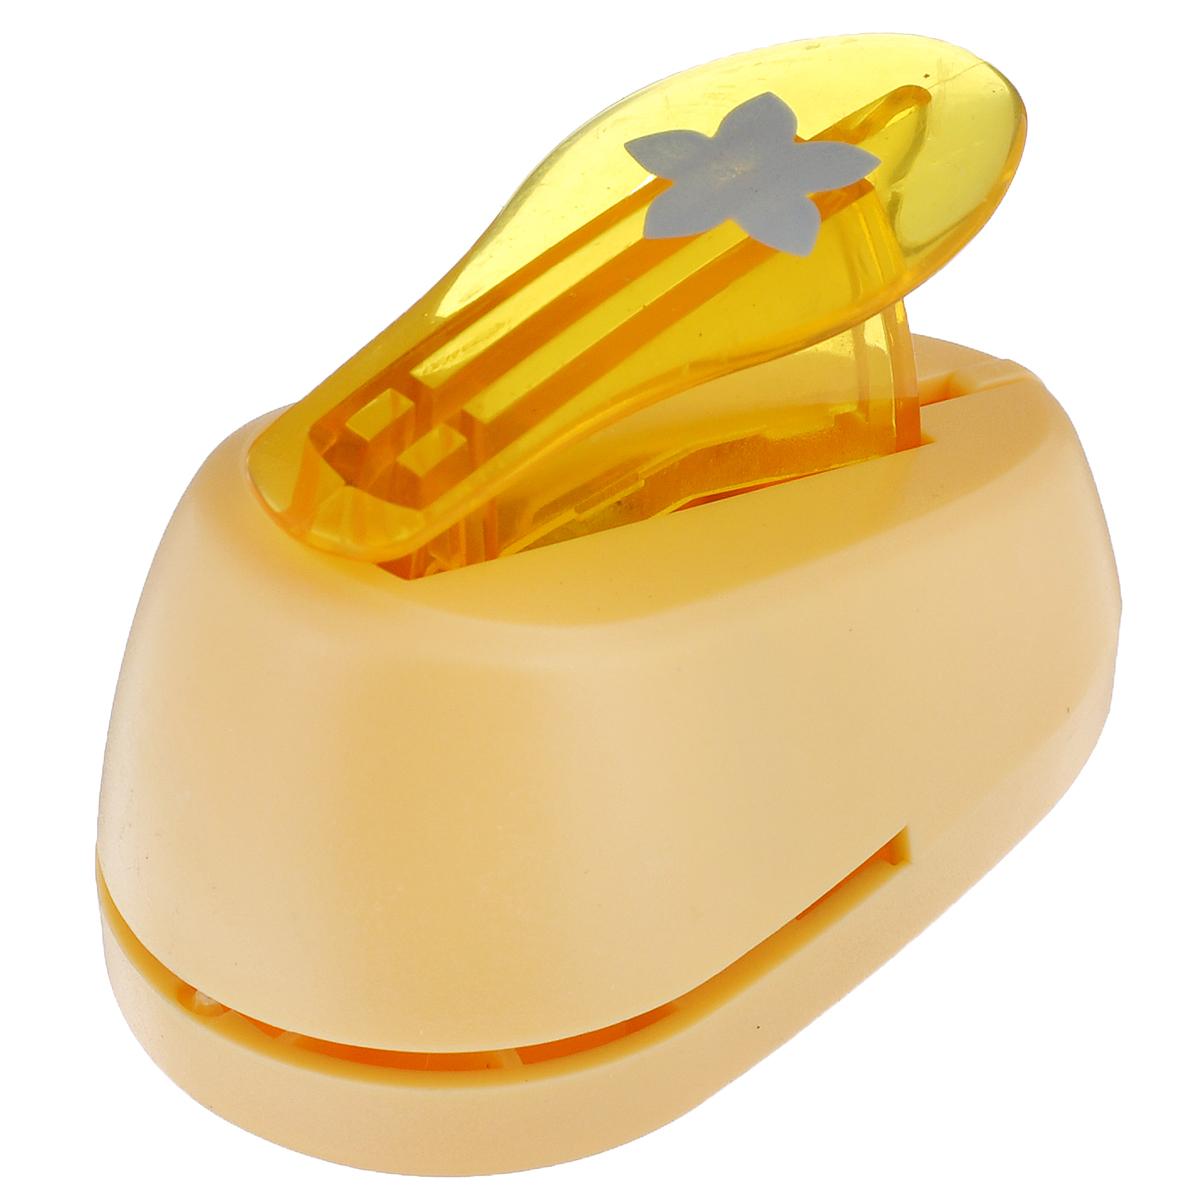 Дырокол фигурный Hobbyboom Цветок, №97, цвет: оранжевый, 2,5 см,CD-99M-097Фигурный дырокол Hobbyboom Цветок, изготовленный из прочного металла и пластика, поможет вам легко, просто и аккуратно вырезать много одинаковых мелких фигурок.Режущие части дырокола закрыты пластиковым корпусом, что обеспечивает безопасность для детей. Предназначен для бумаги плотностью - 80 - 200 г/м2. Рисунок прорези указан на ручке дырокола.Размер дырокола: 8 см х 5 см х 4,5 см. Диаметр готовой фигурки: 2,5 см.